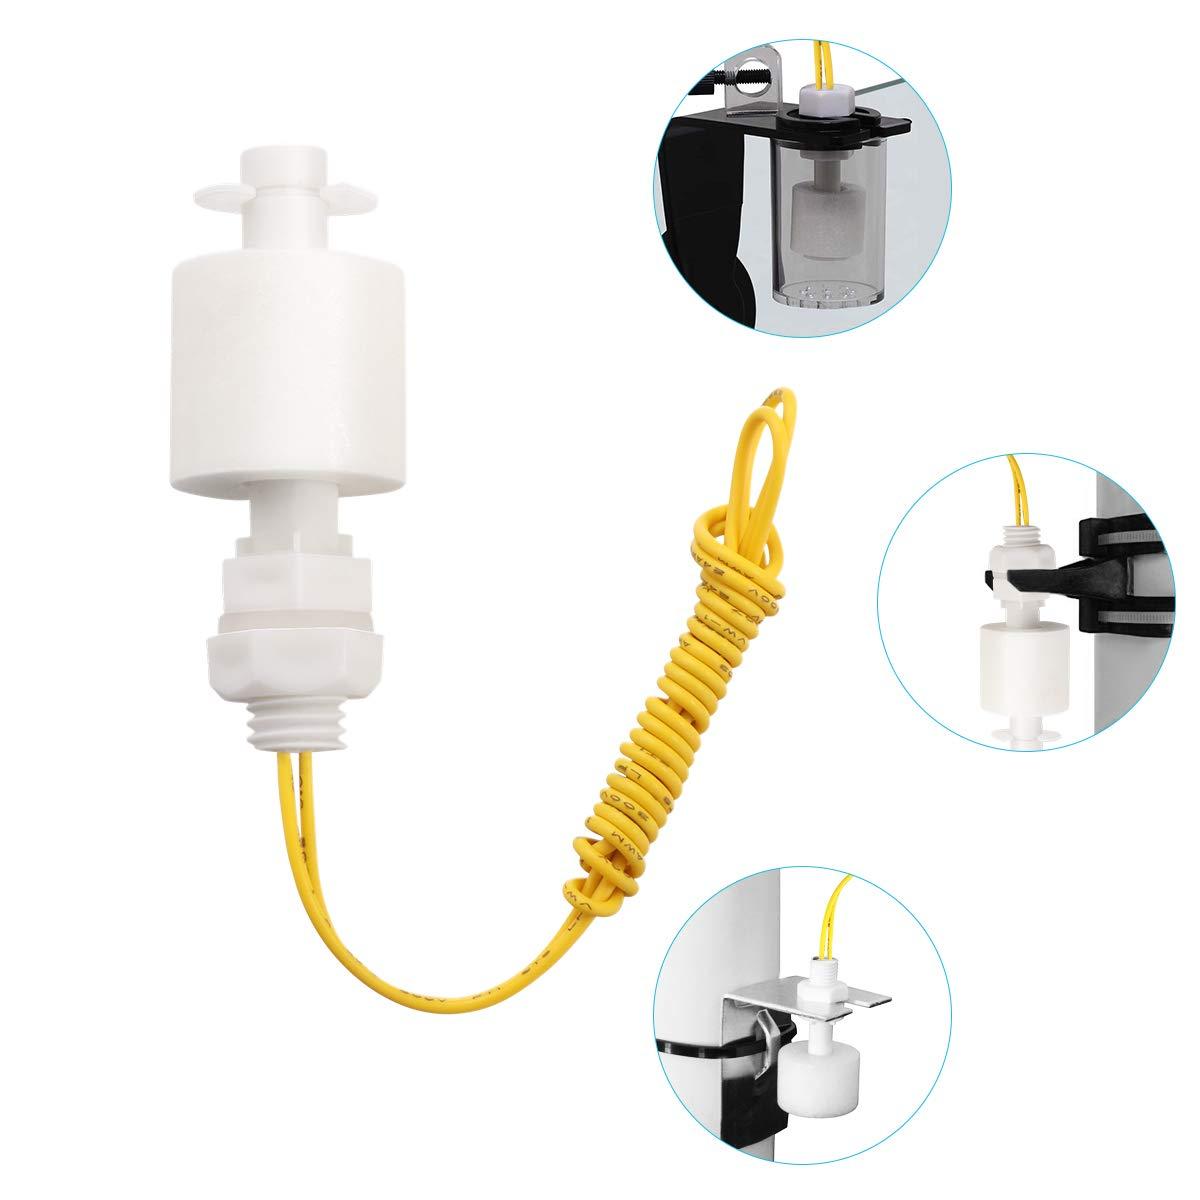 ueetek 5/unidades de zp4510/P Vertical Interruptor de flotador Sensor de nivel de agua alta fl/üss